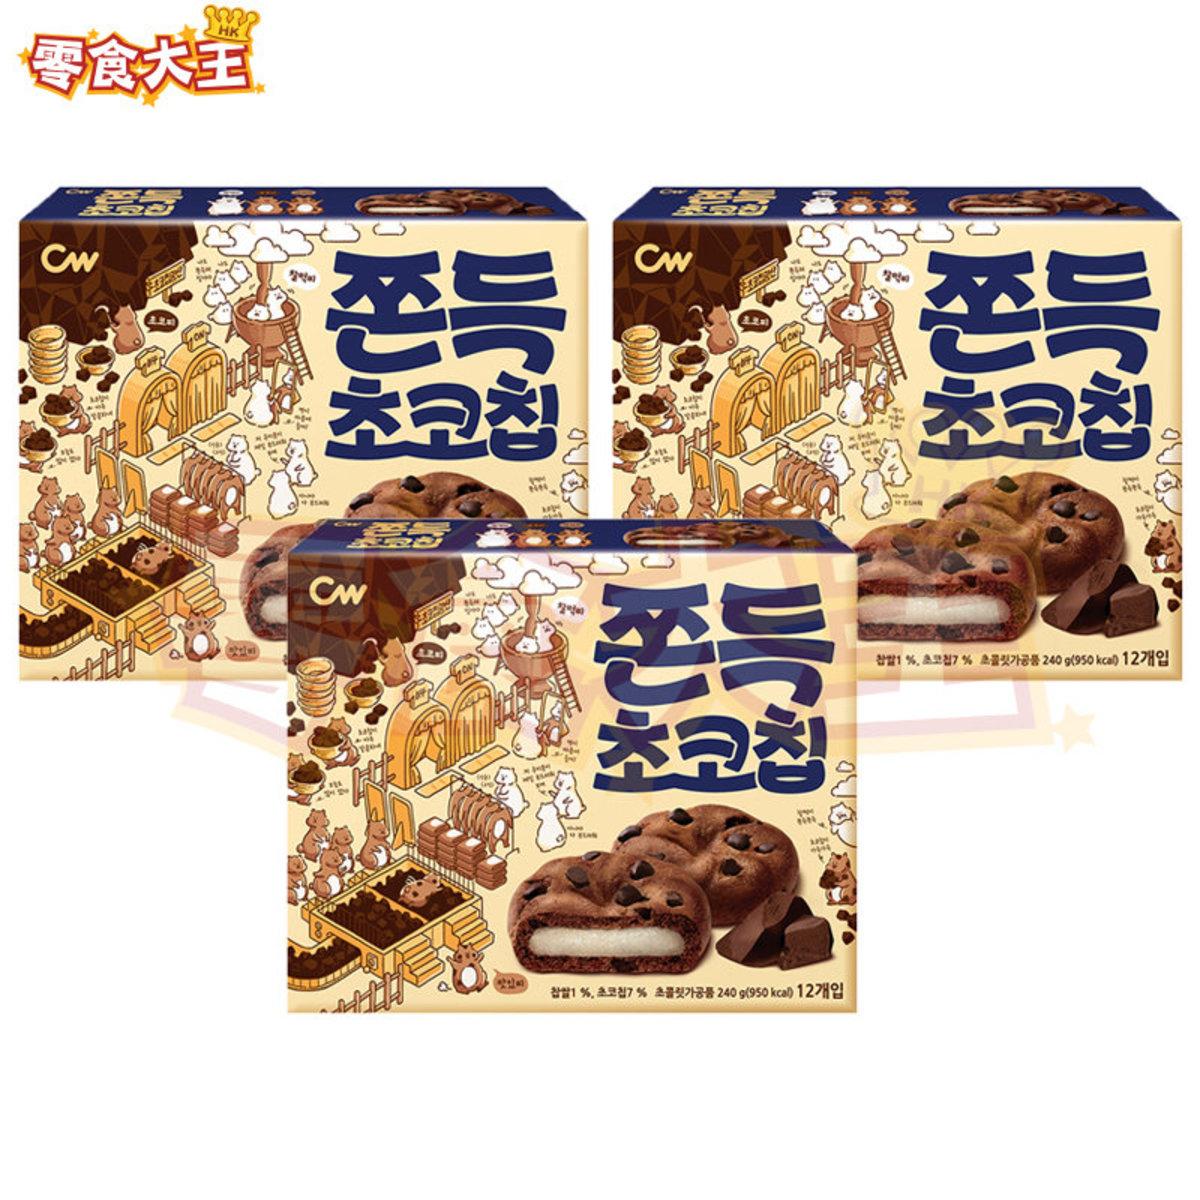 韓國朱古力麻糬曲奇 240g x 3盒 (12個獨立包裝) (8801204008661_3)